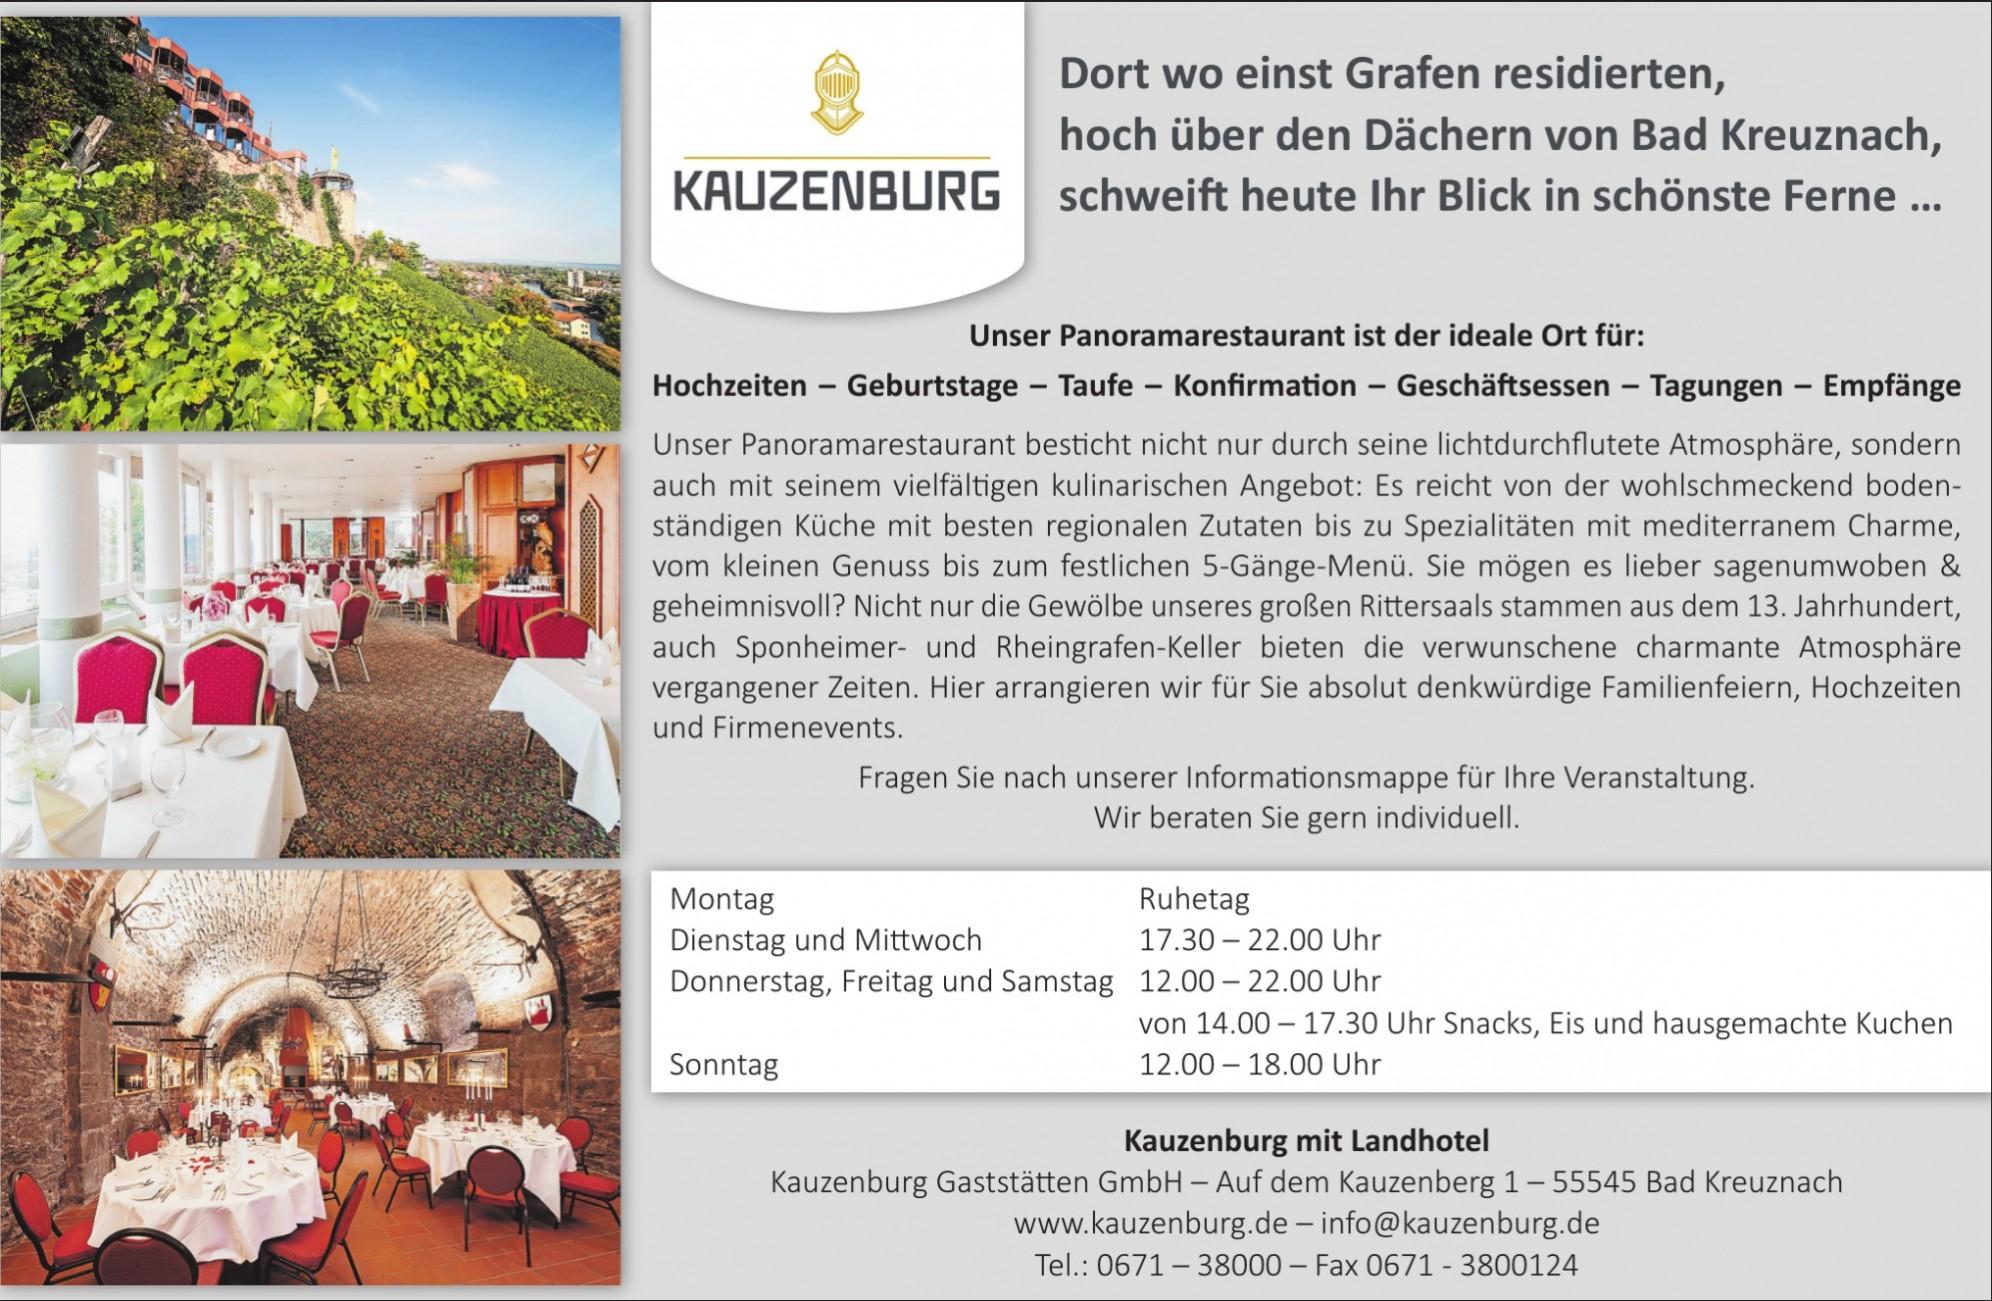 Kauzenburg Gaststätten GmbH